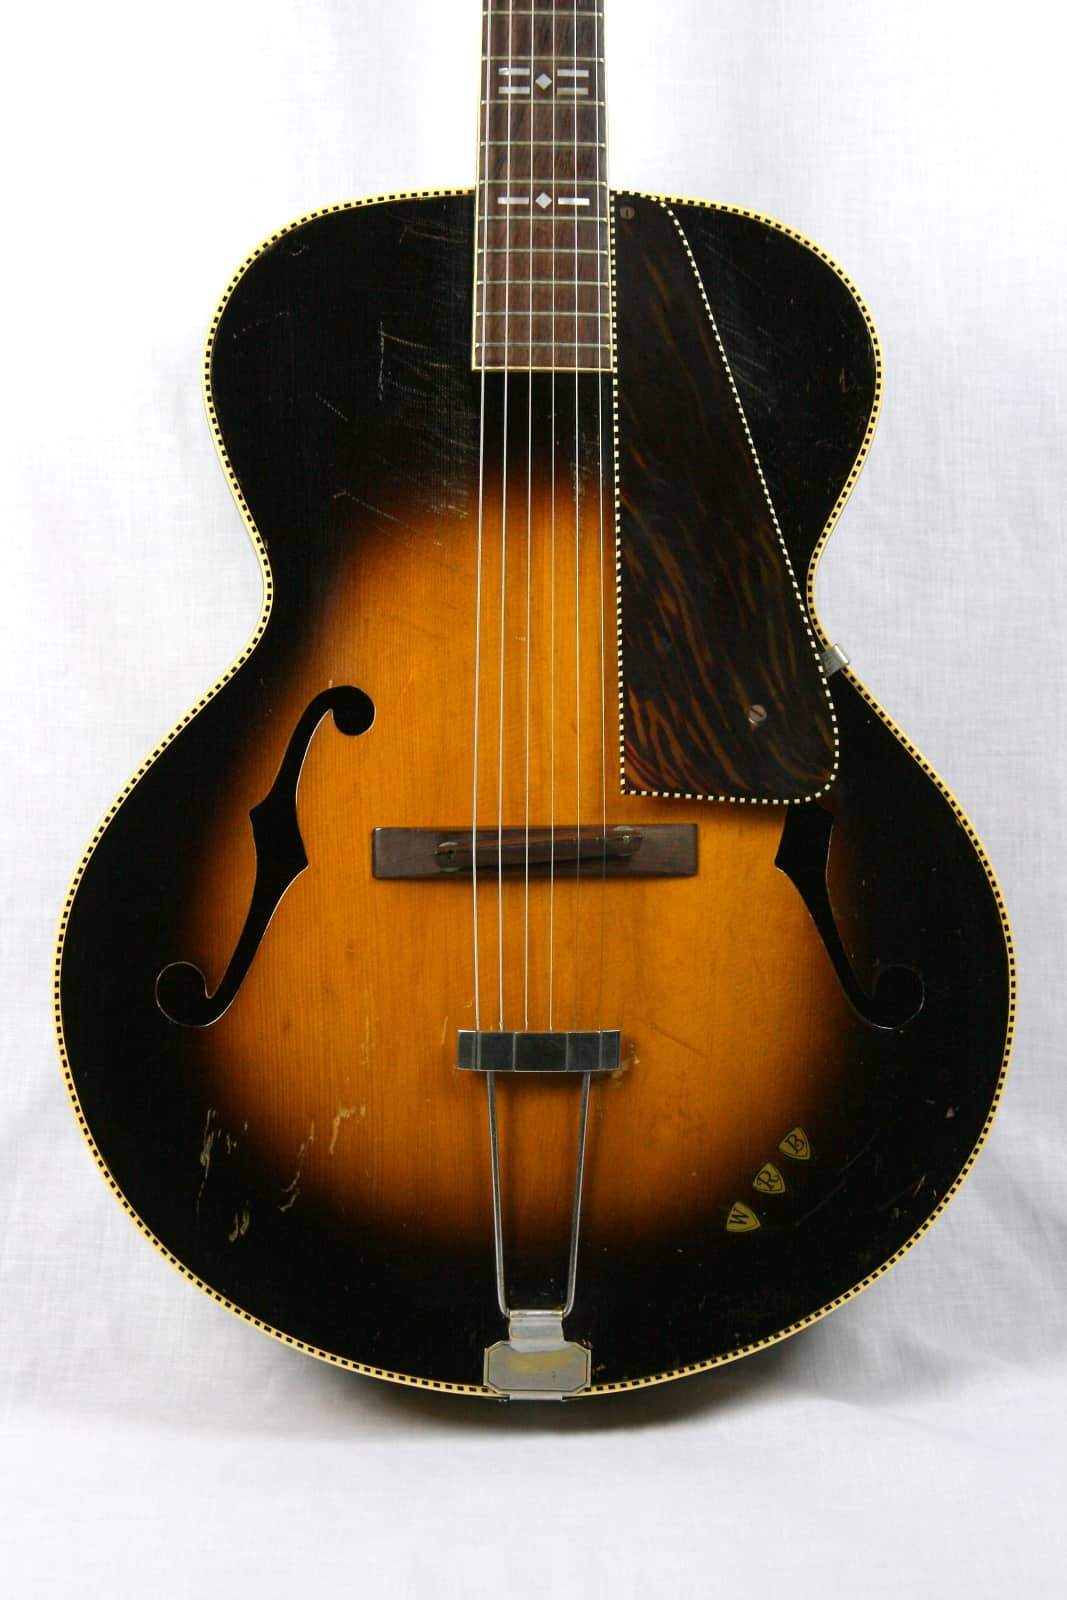 Gibson made old kraftsman registered supreme archtop for Spiegel history